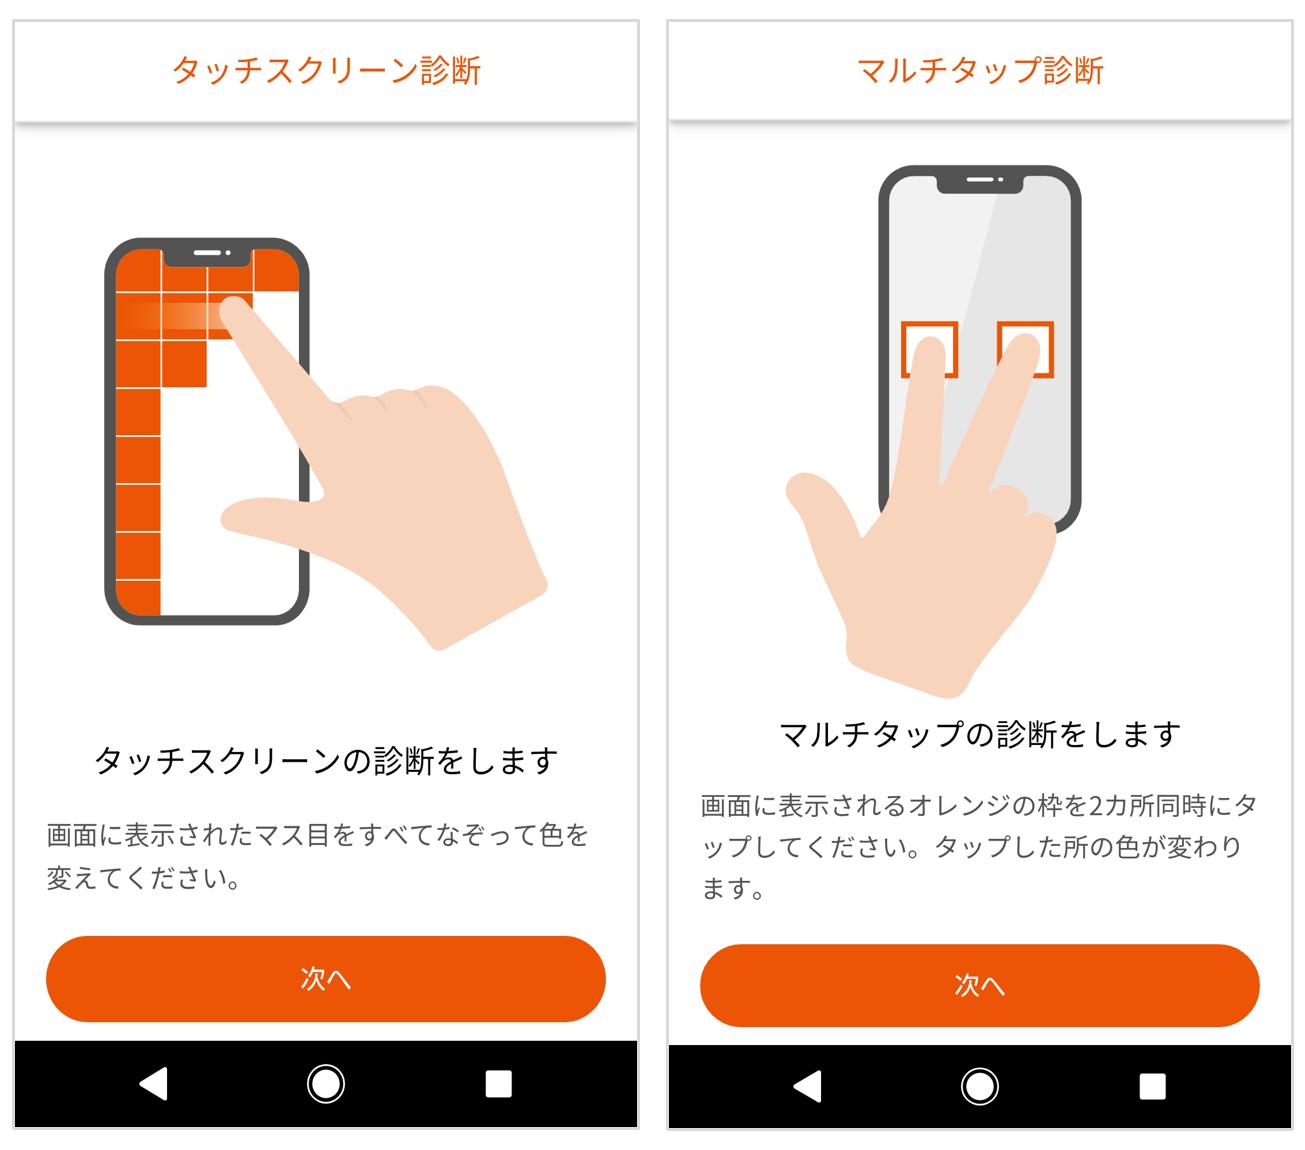 auの使い方サポートアプリ